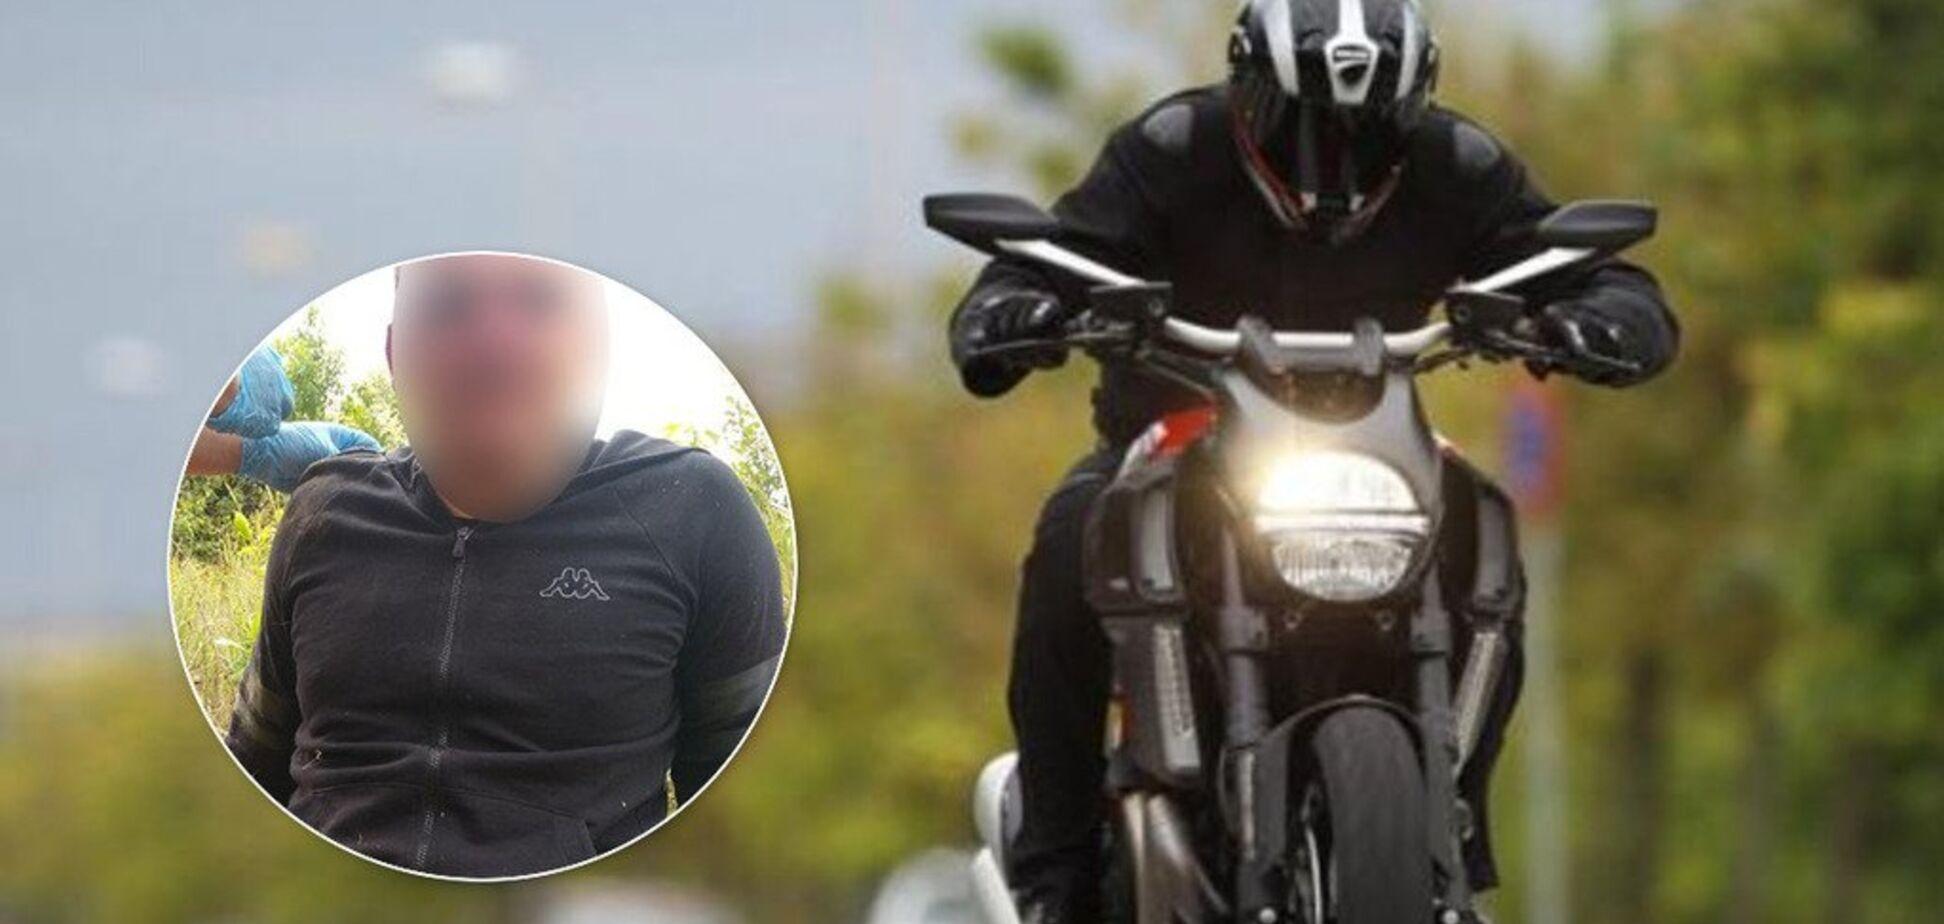 Під Дніпром кримінальник потрапив в ДТП на викраденому в Італії мотоциклі